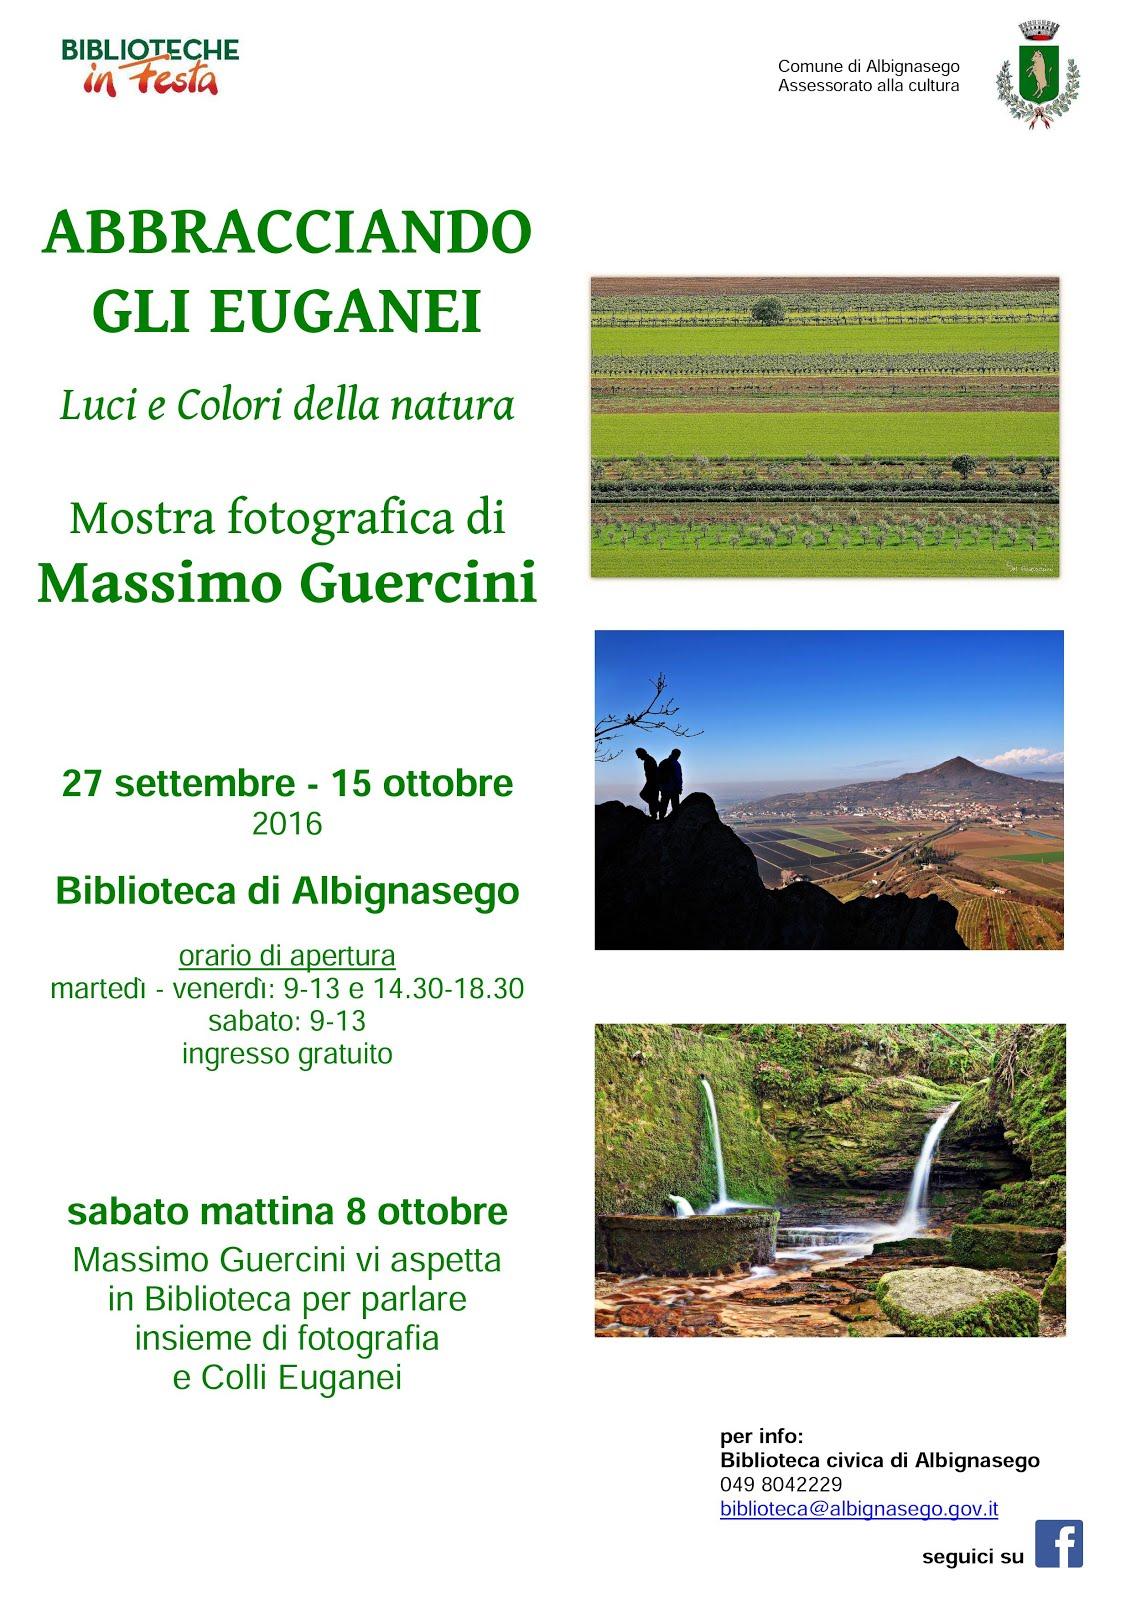 """Mostra fotografica """"ABBRACCIANDO GLI EUGANEI"""" - Biblioteca di Albignasego - 27/09 -15/10/2016"""